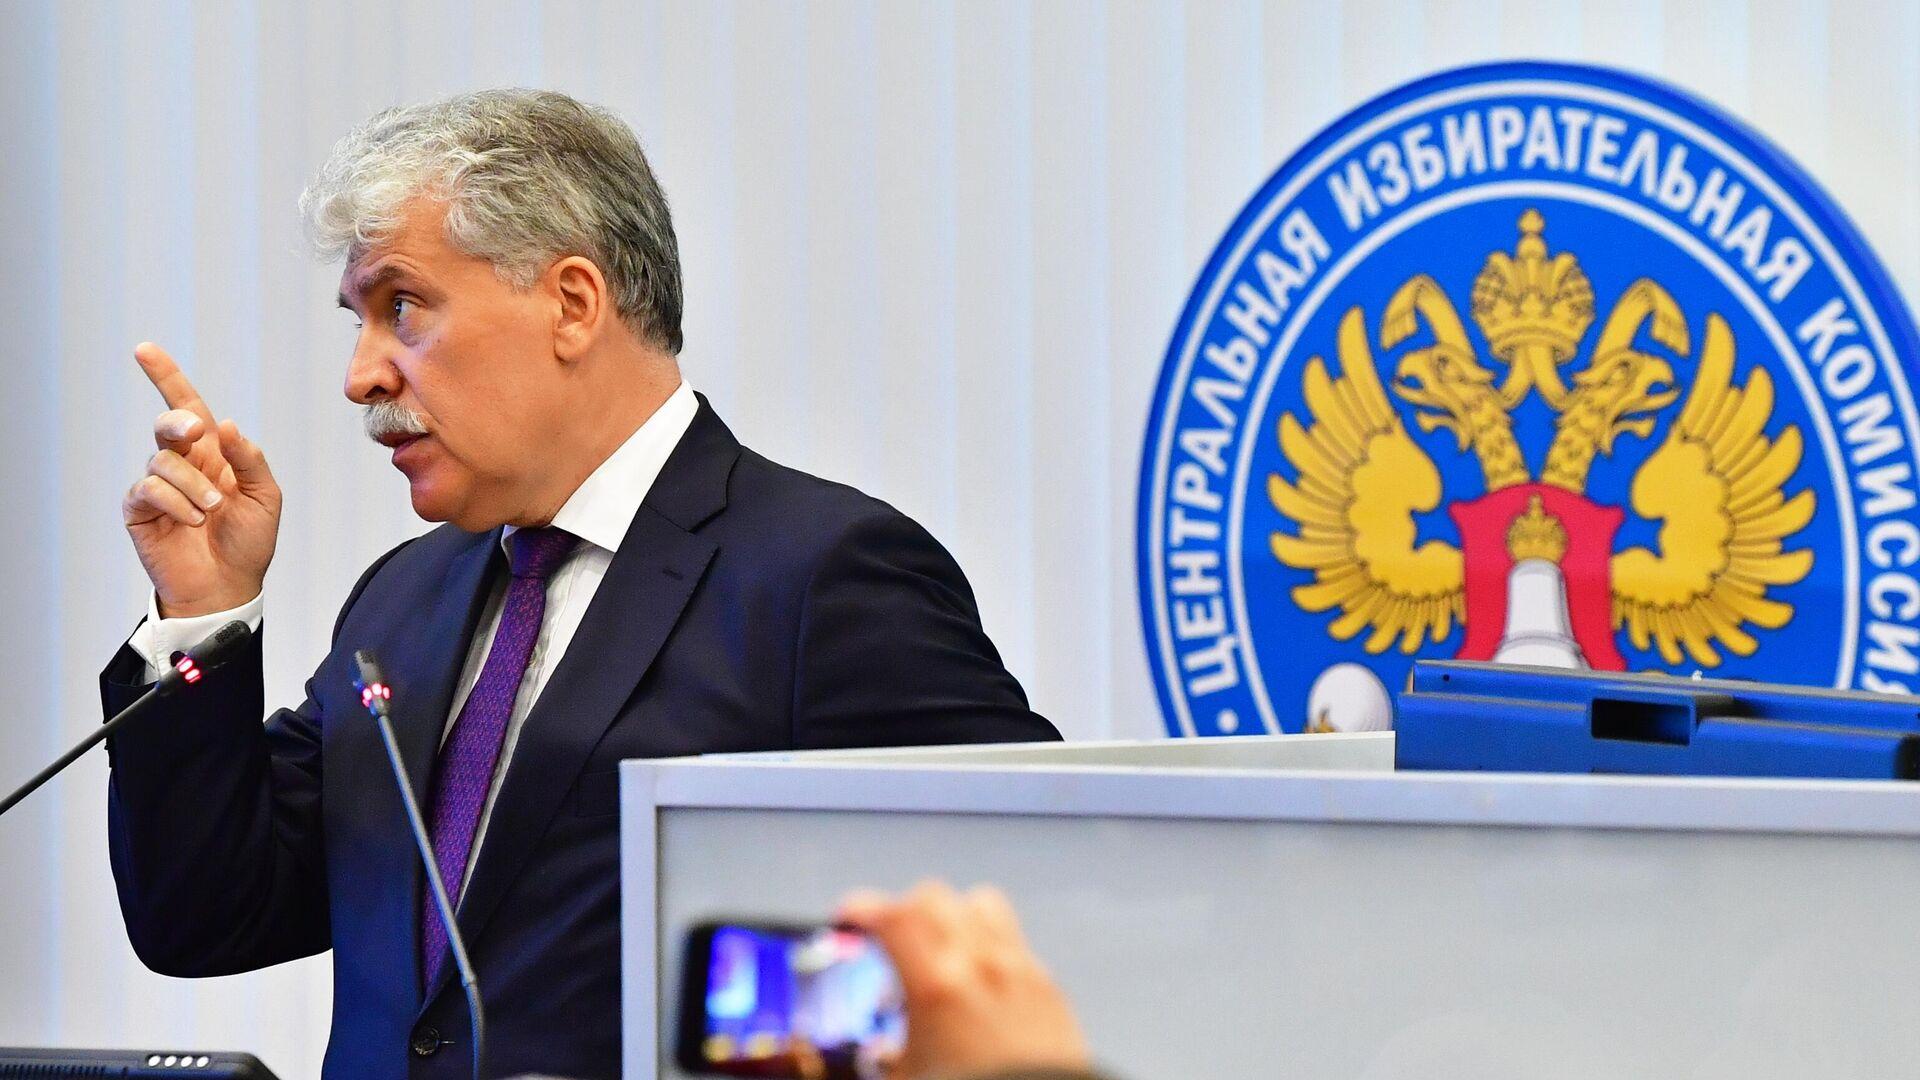 У Грудинина есть право подать в суд на решение ЦИК, заявила Памфилова